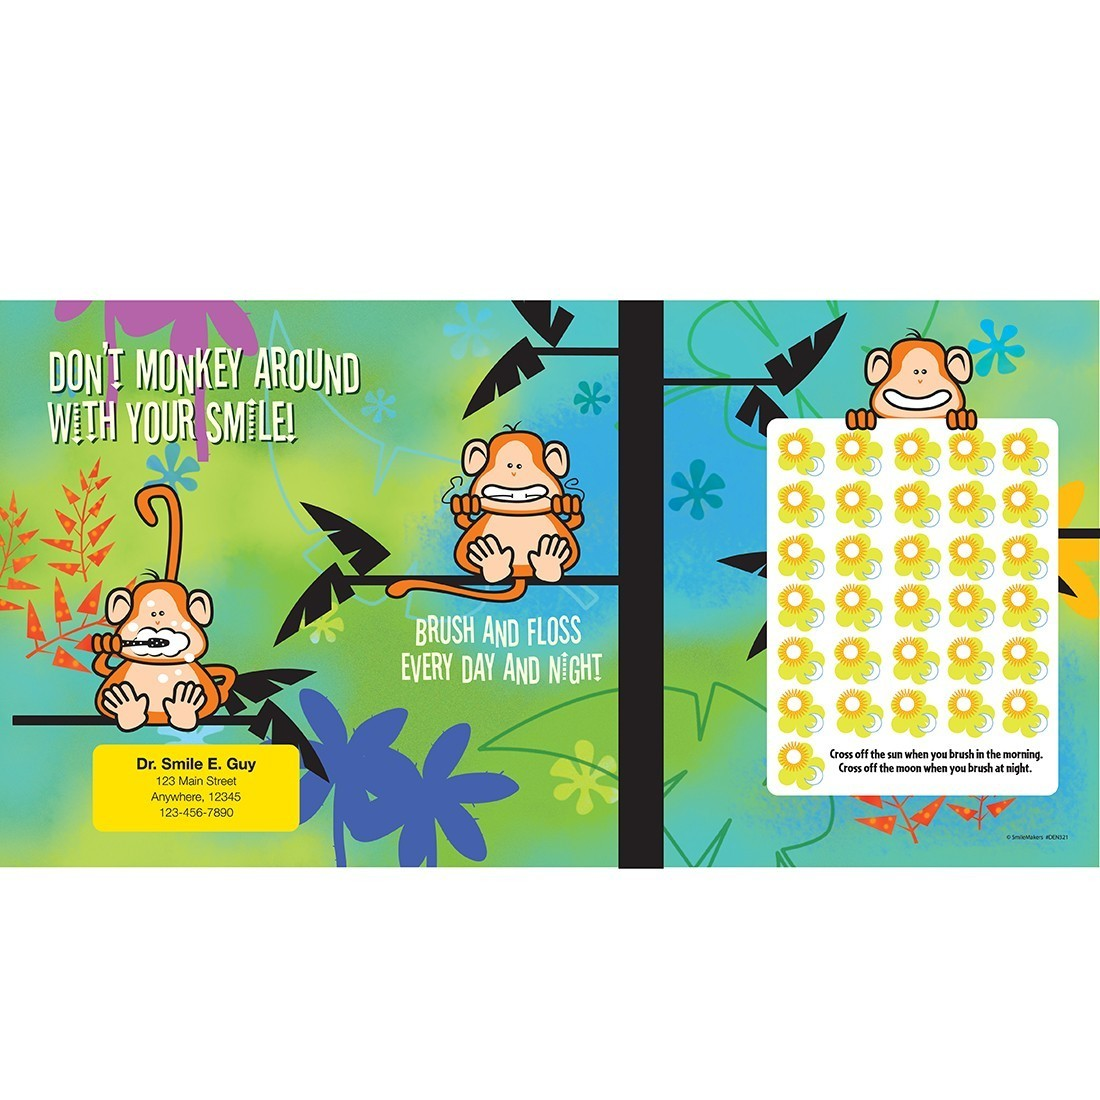 3 Monkeys Brushing Chart [image]